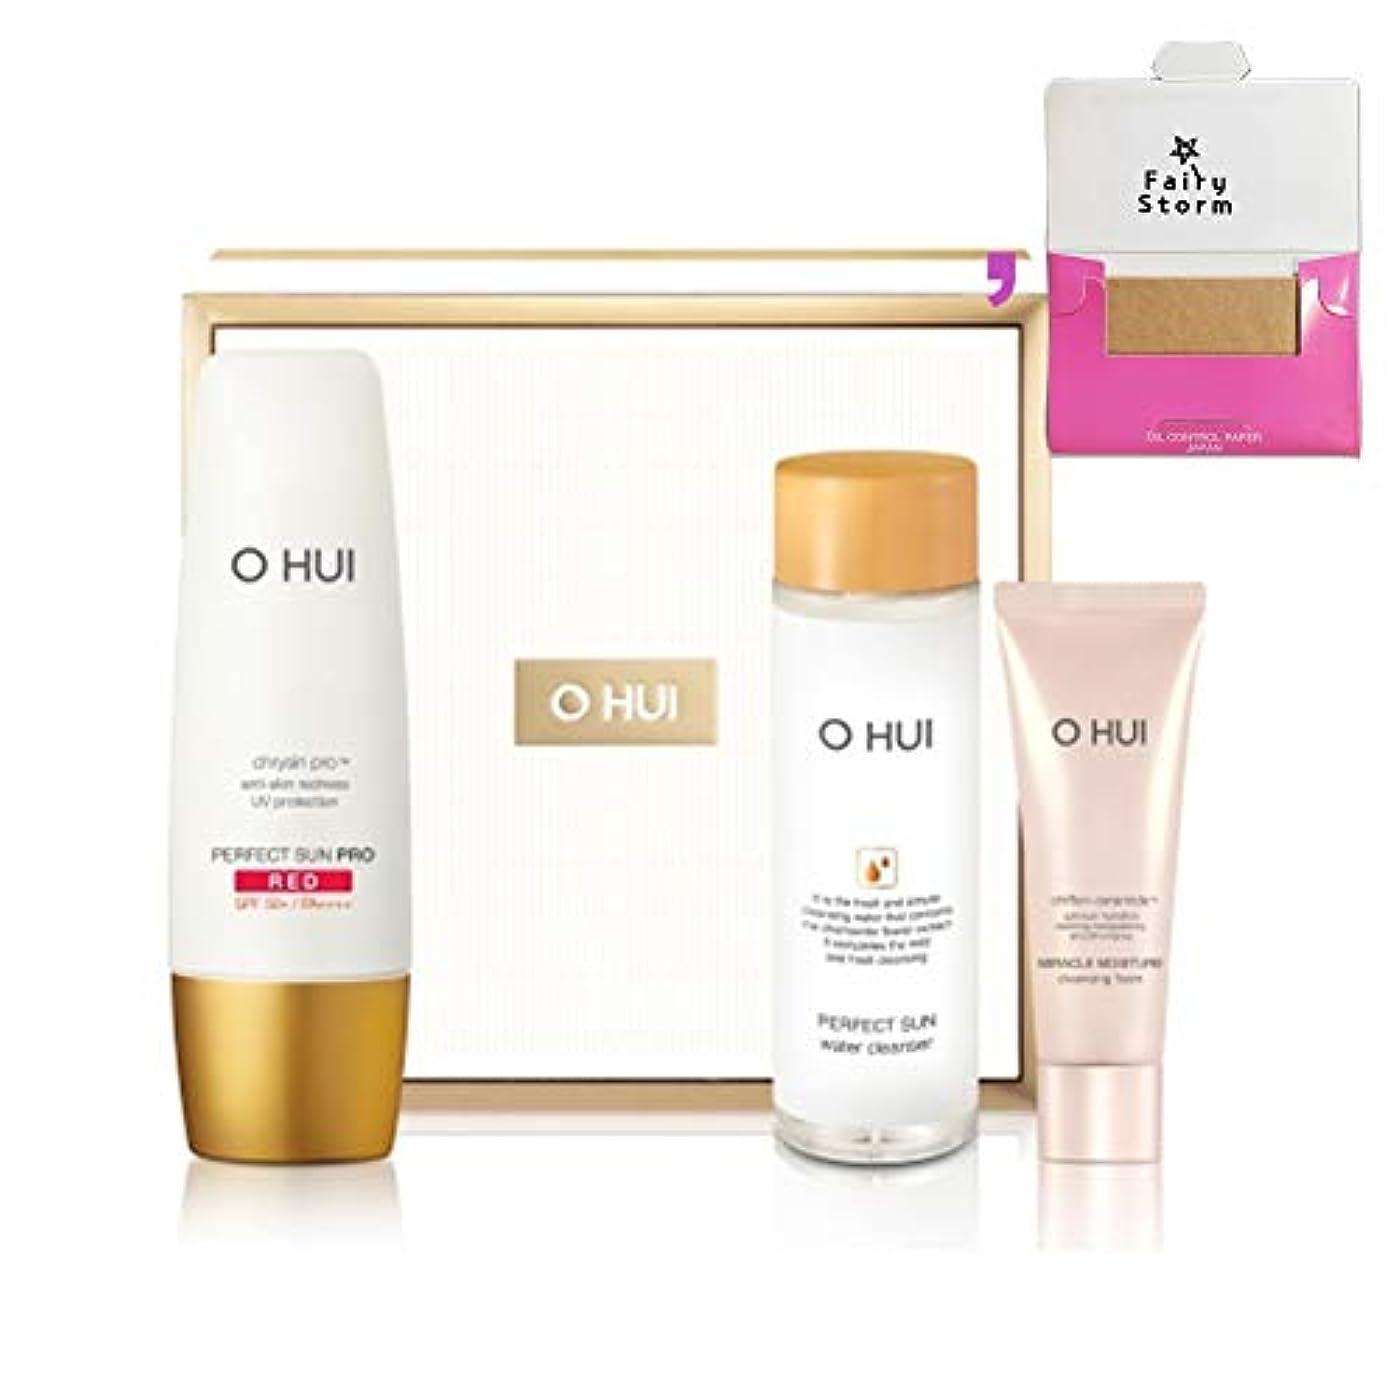 にじみ出る葉を拾う圧縮された[オフィ/O HUI]韓国化粧品 LG生活健康/OHUI PERFECT SUN Pro RED Special Set/O HUI パーフェクト サン プロ レッド 企画 17感謝 (SPF50+/PA+++) 50ml...